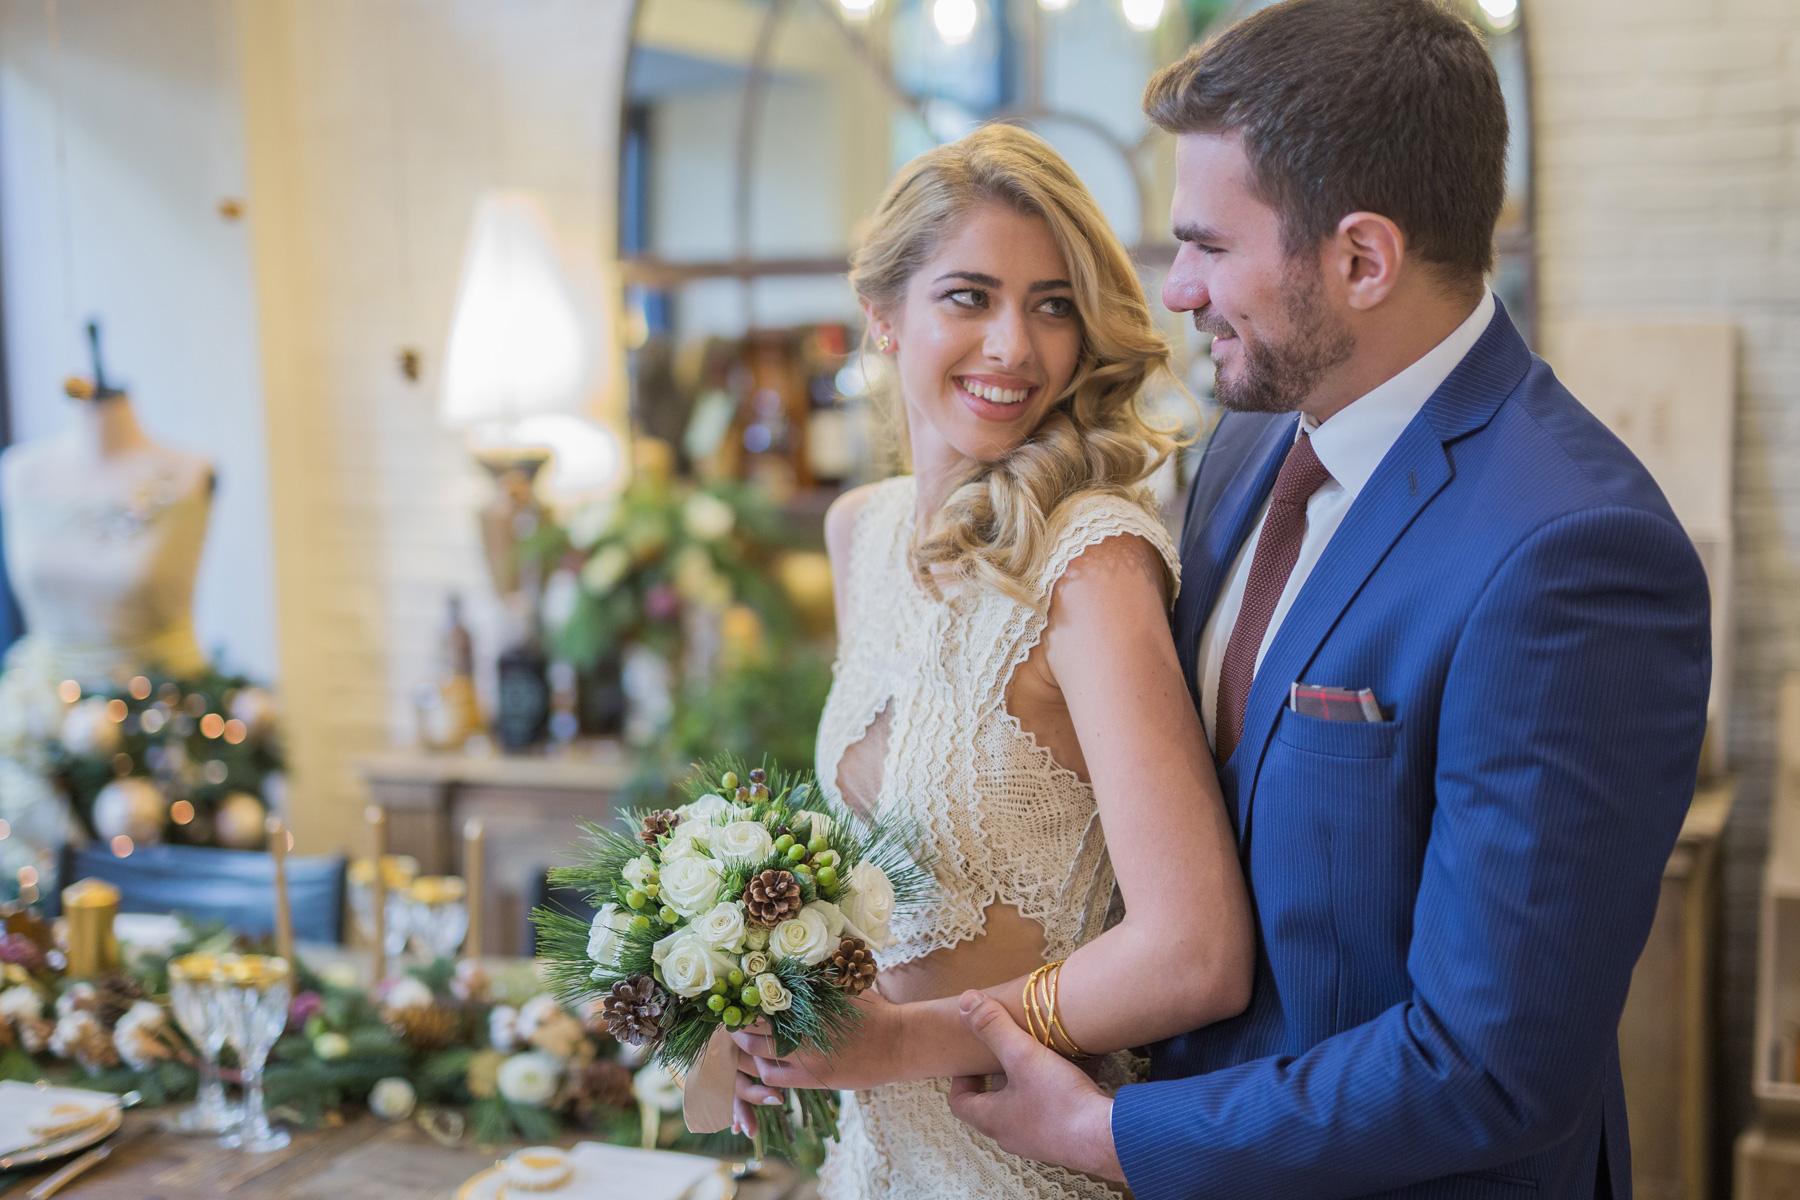 γάμος online dating ιστοσελίδες